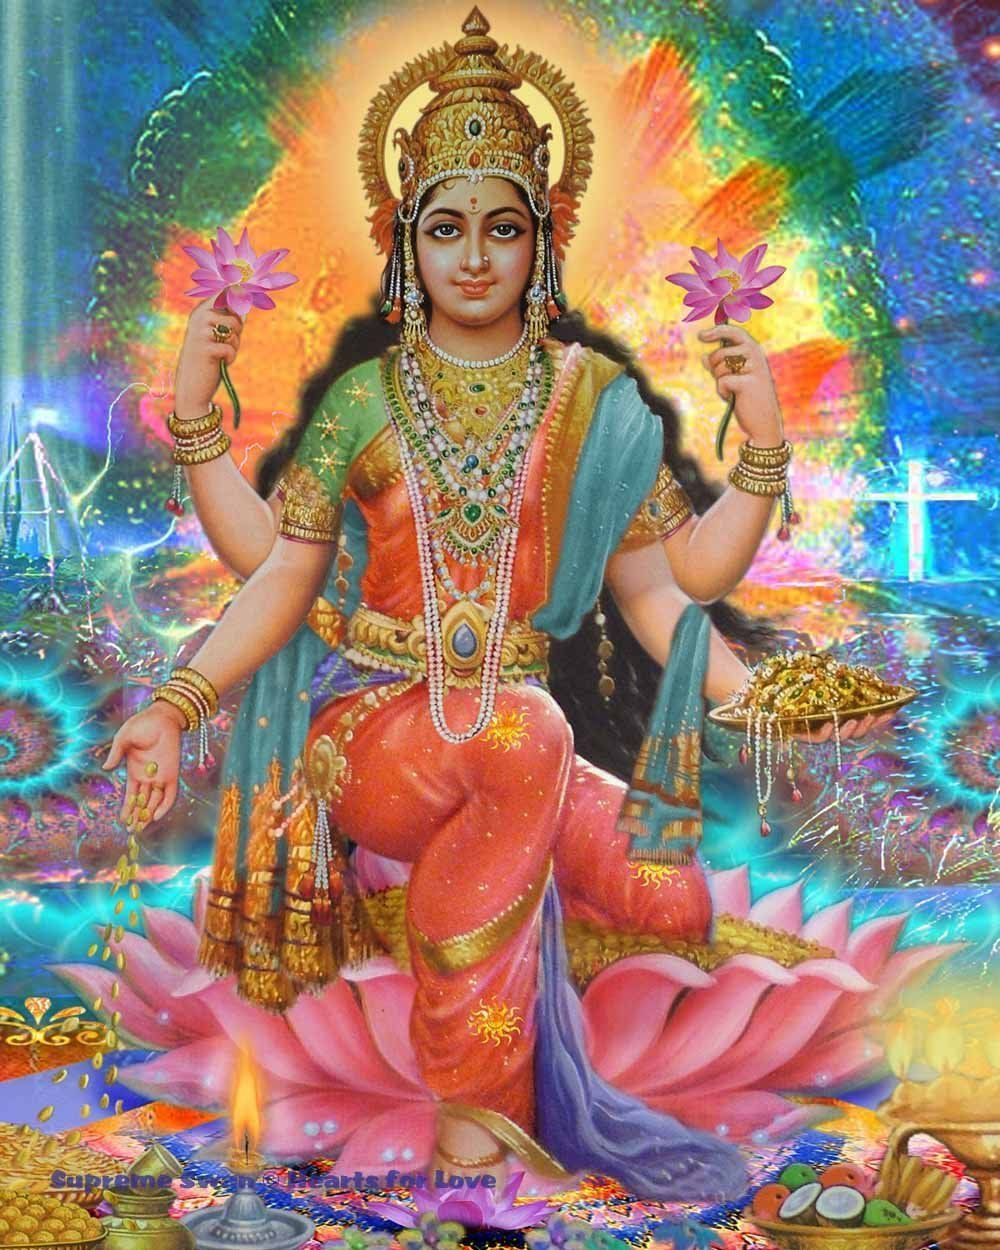 Beautiful Art Print Of Lakshmi, Goddess Of Prosperity